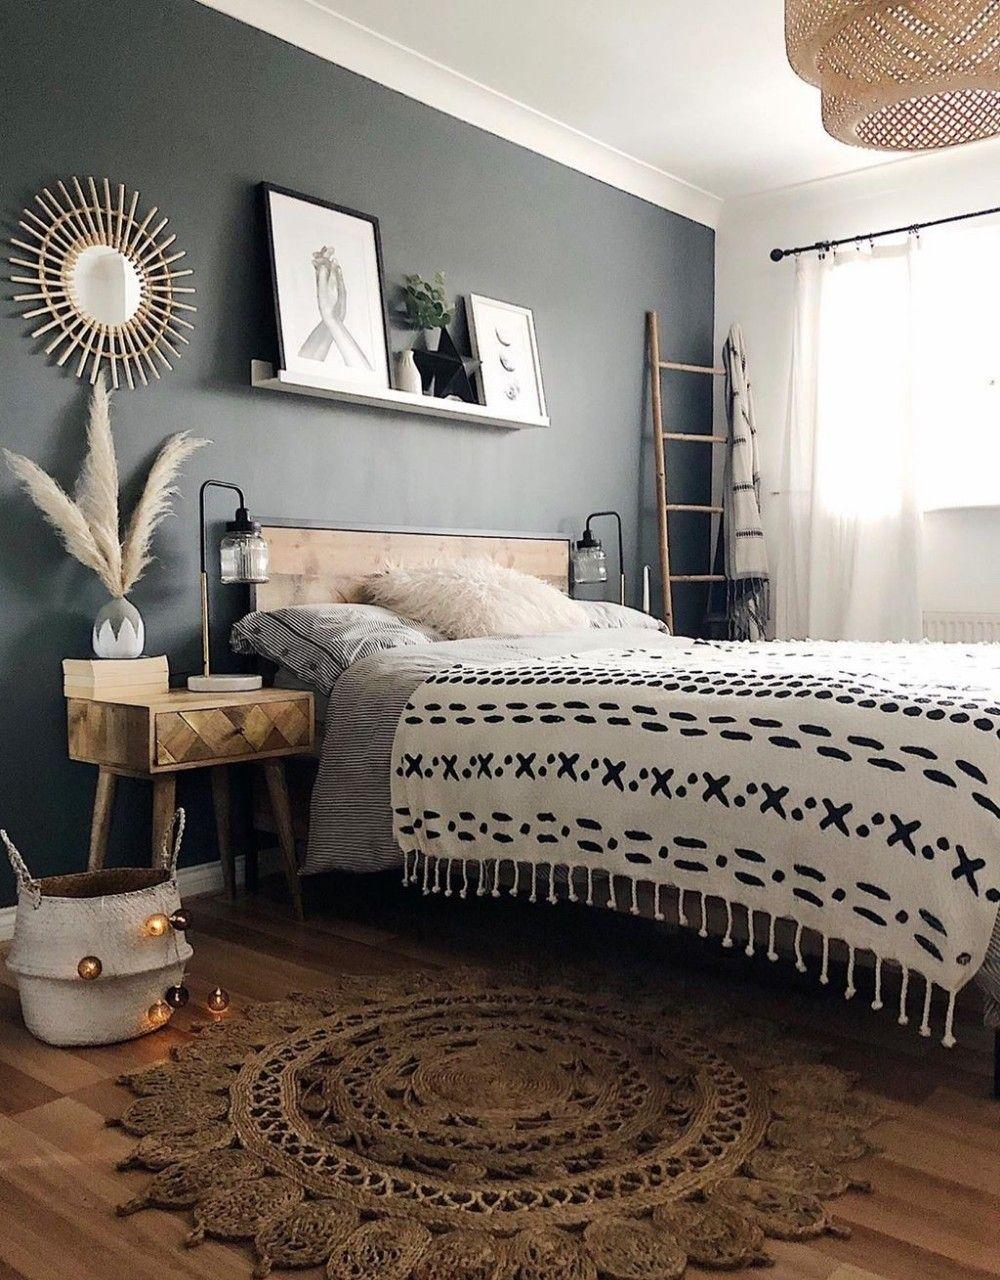 Bedroom Inspiration in 16  Home decor bedroom, Bedroom